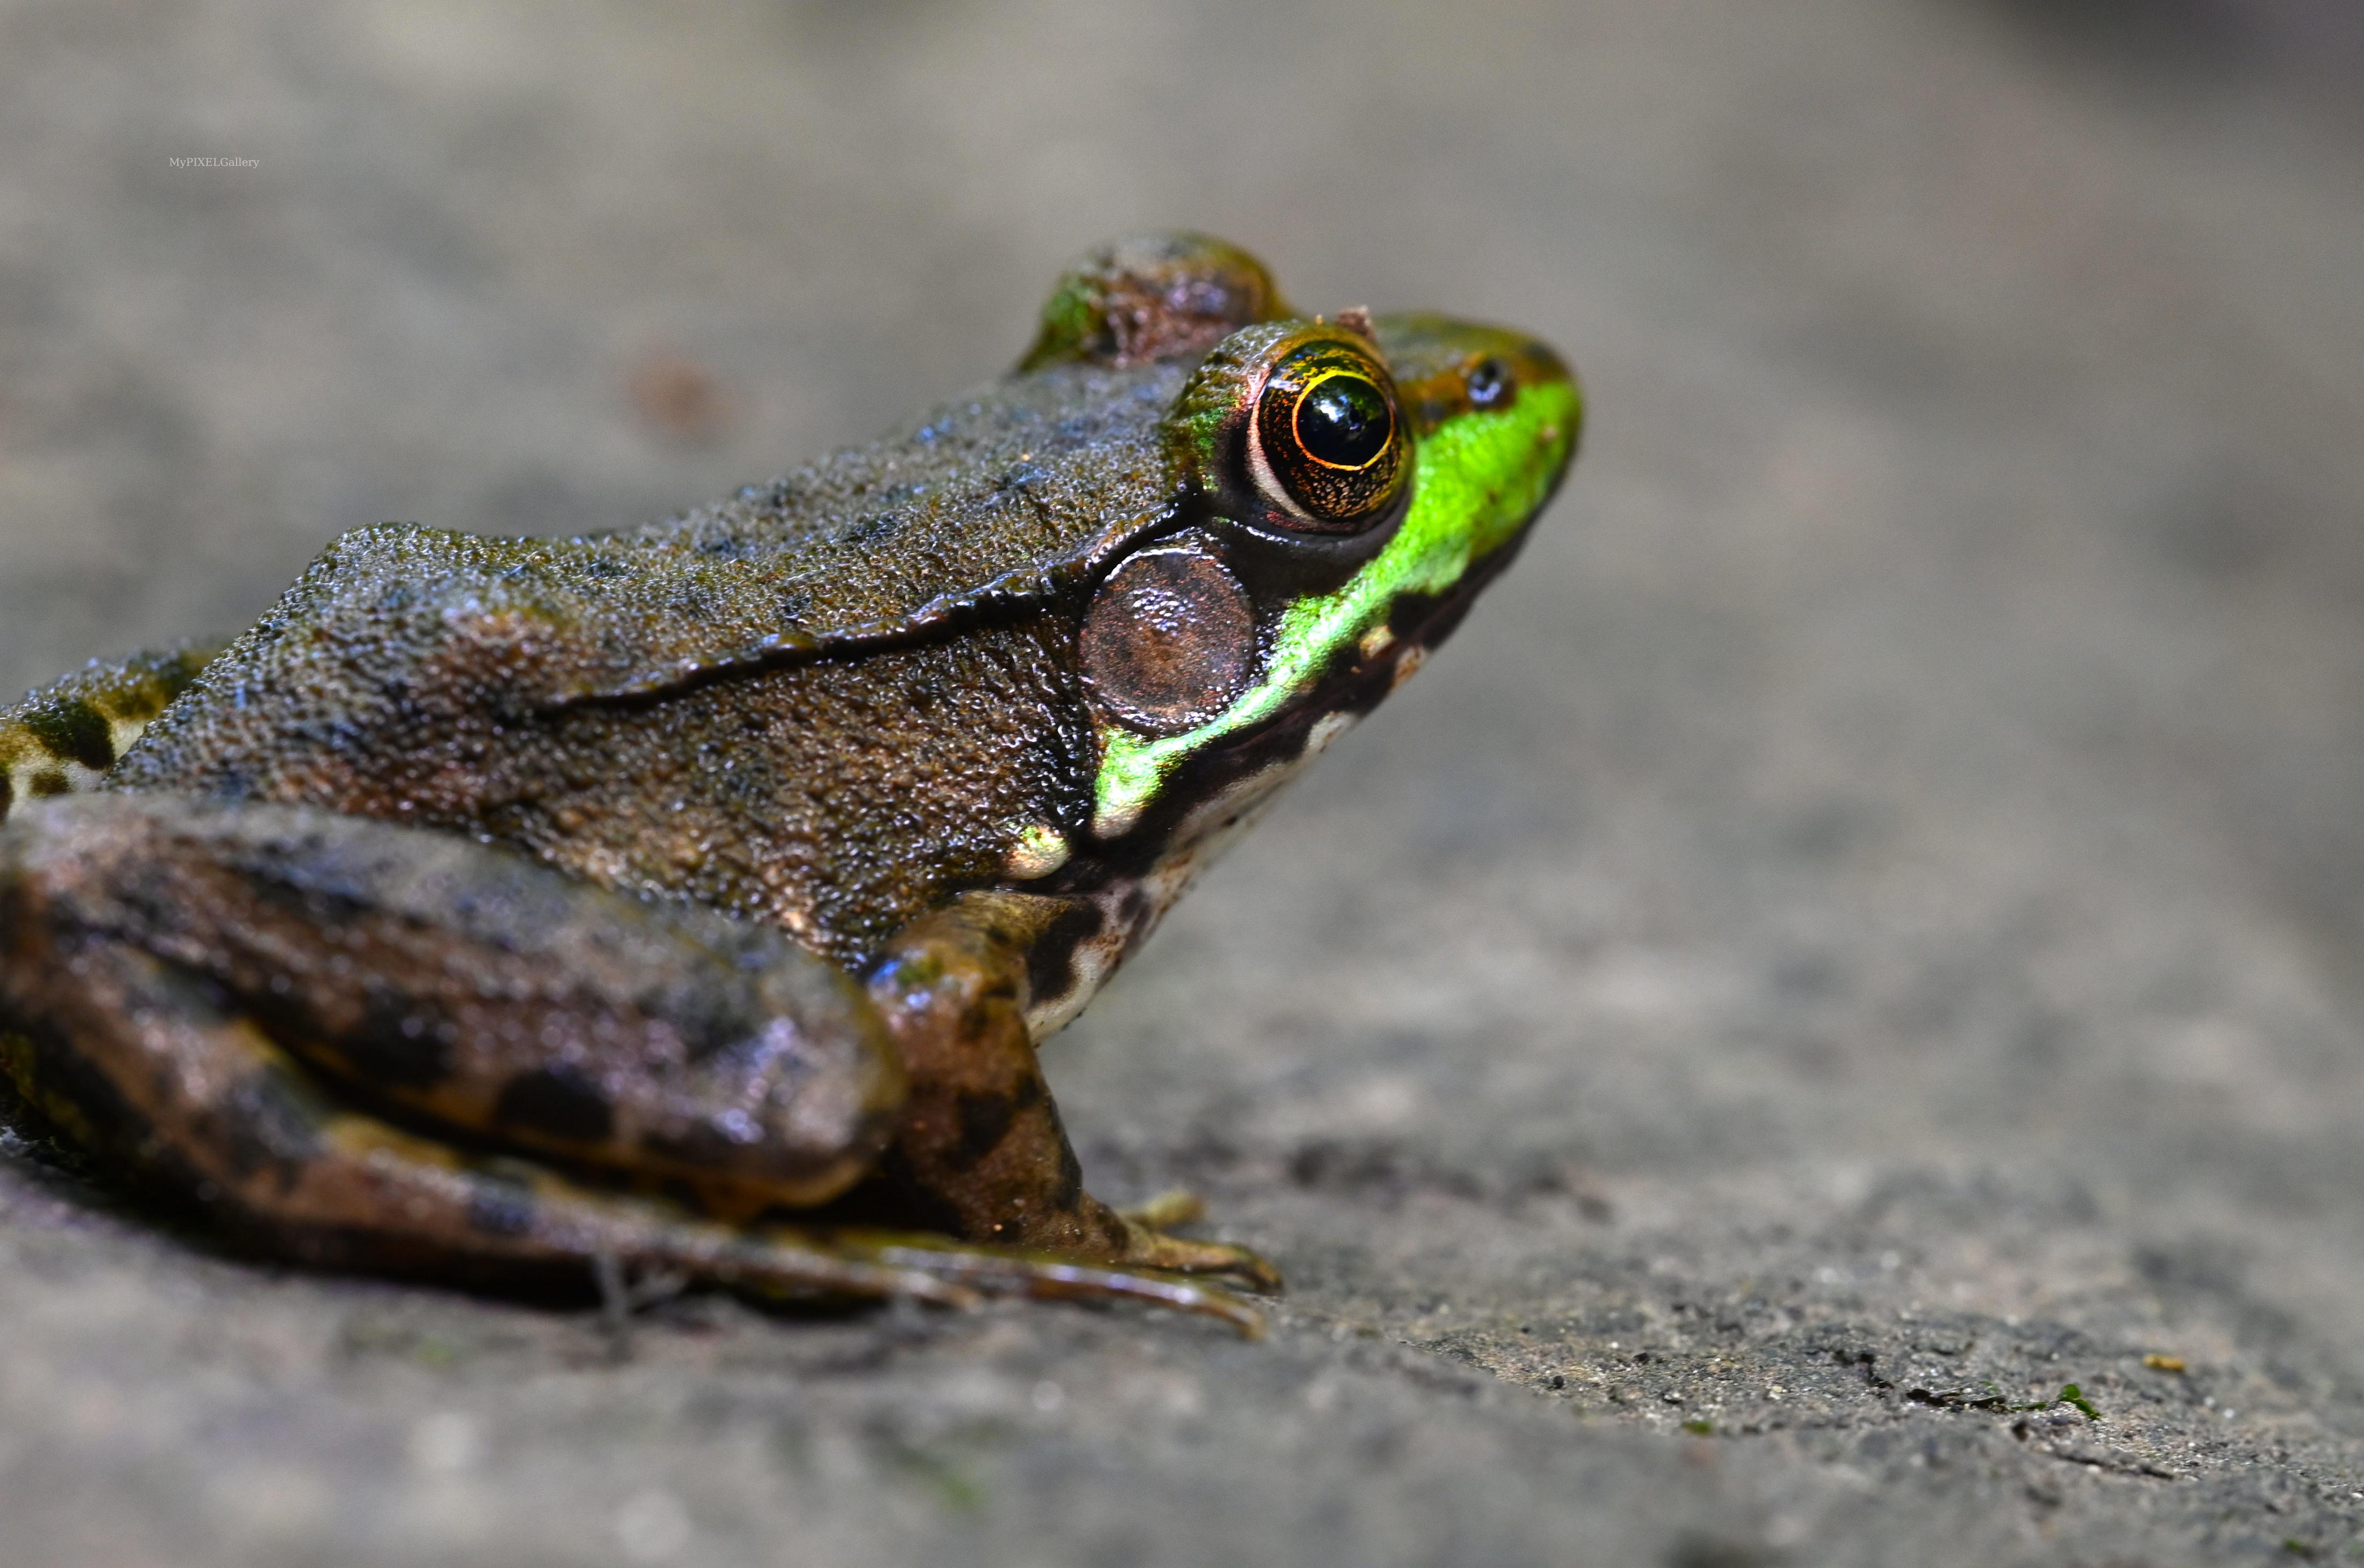 Macro of the American bullfrog